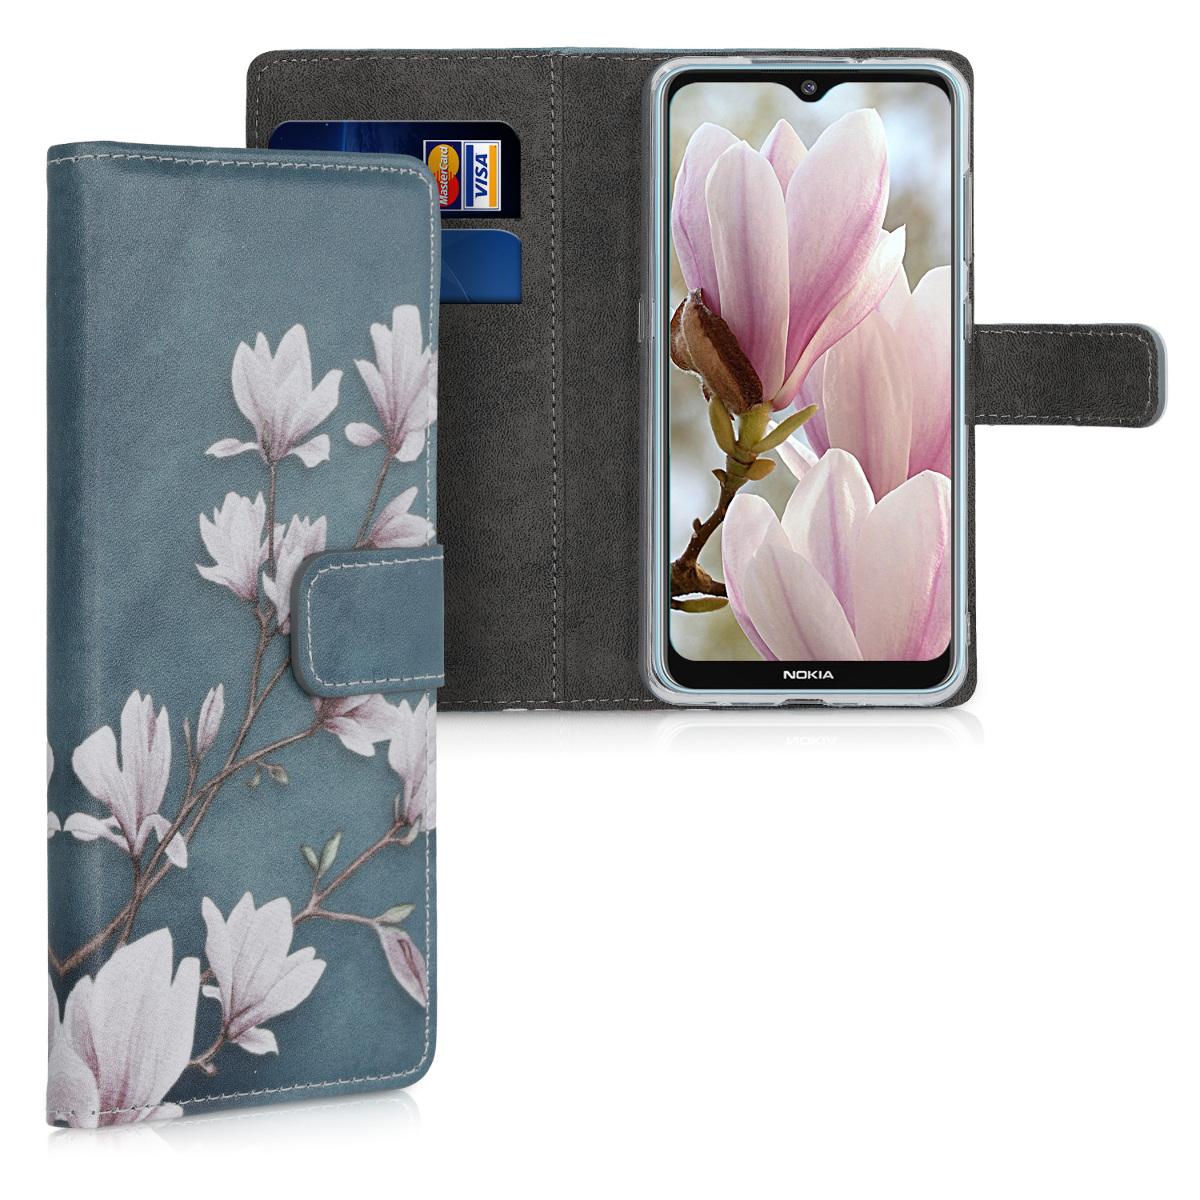 KW Θήκη - Πορτοφόλι Nokia 6.2 - Taupe / White / Blue Grey (50146.02)